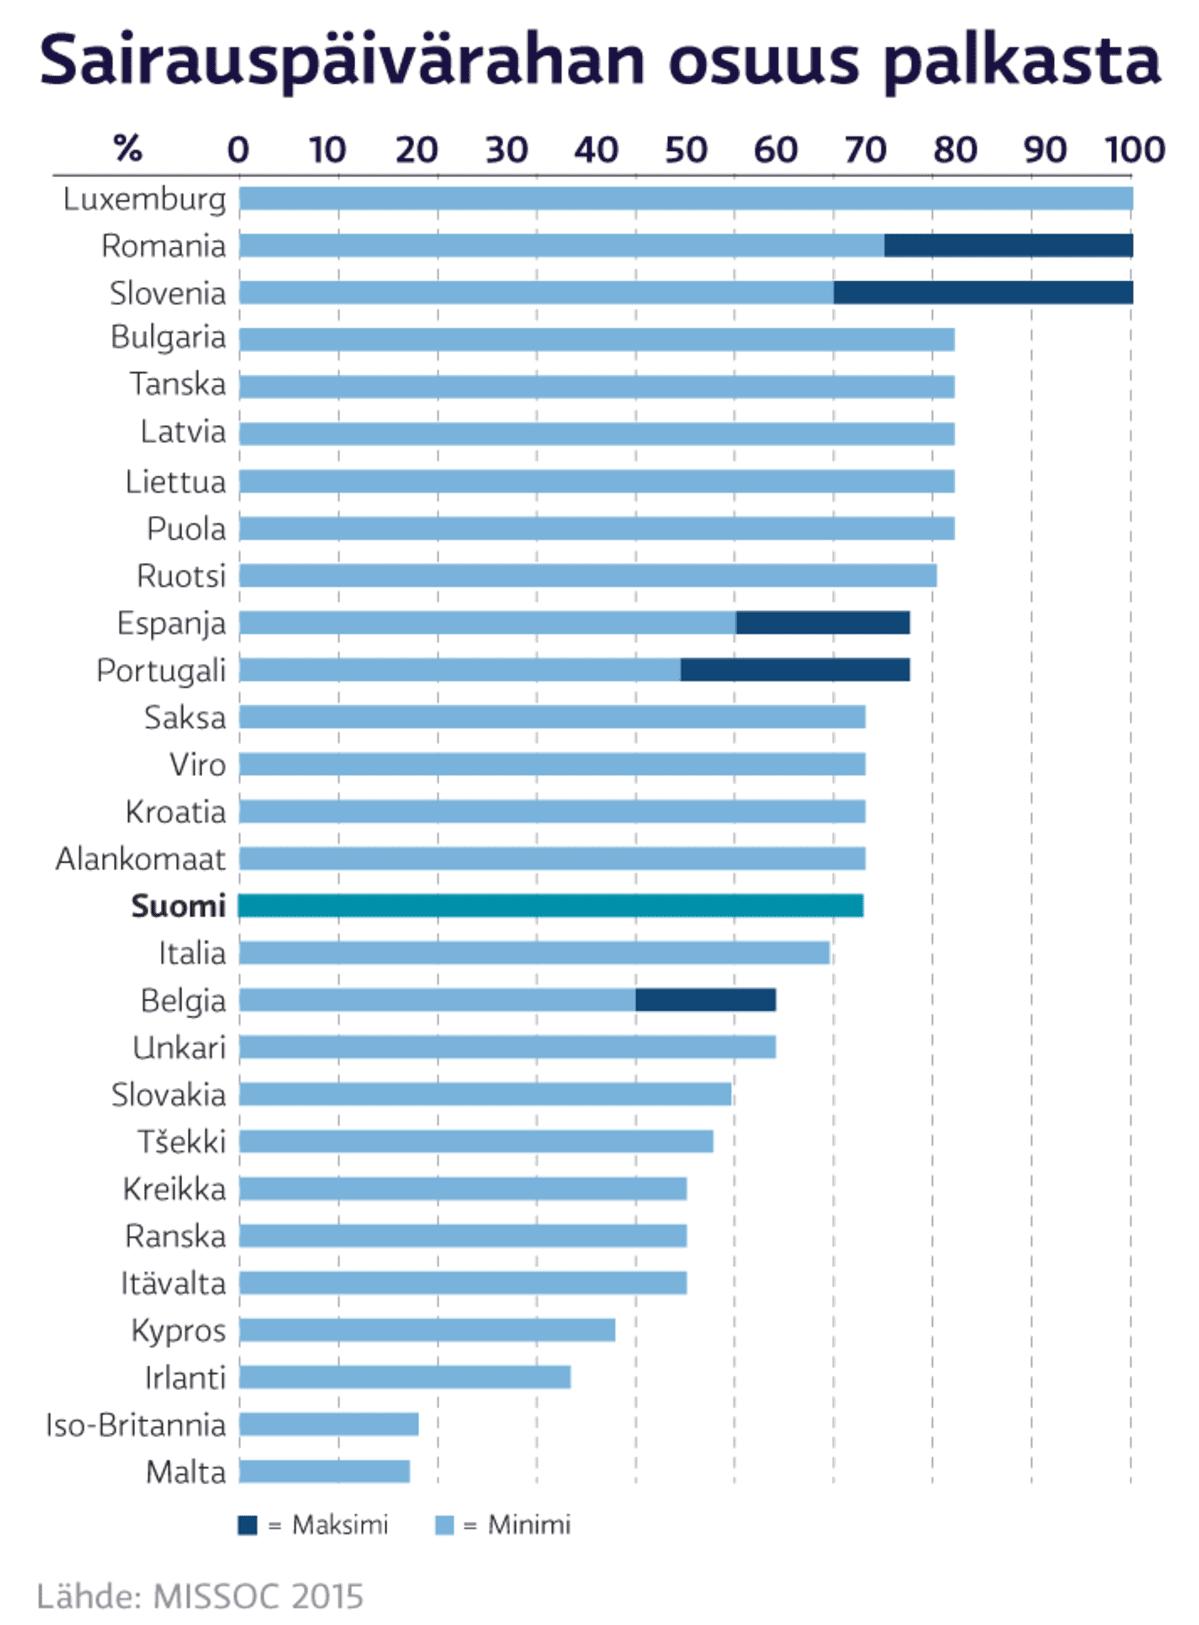 Sairauspäivärahan osuus palkasta Euroopassa, pylväsgrafiikka